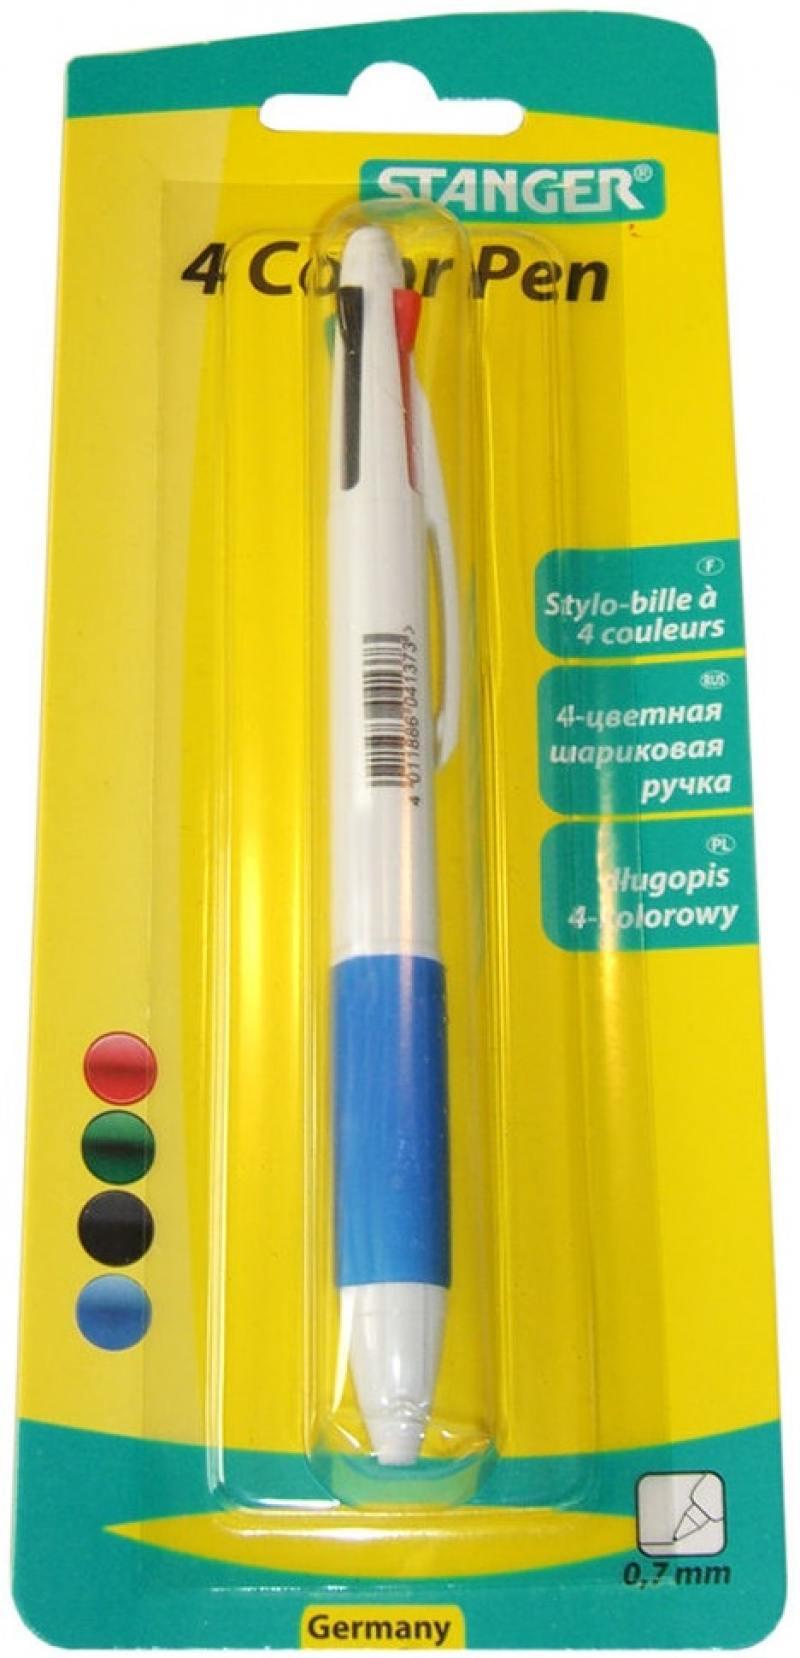 Шариковая ручка автоматическая Stanger 18000300036 синий красный черный зеленый 0.7 мм 18000300036 alexika trekking 60